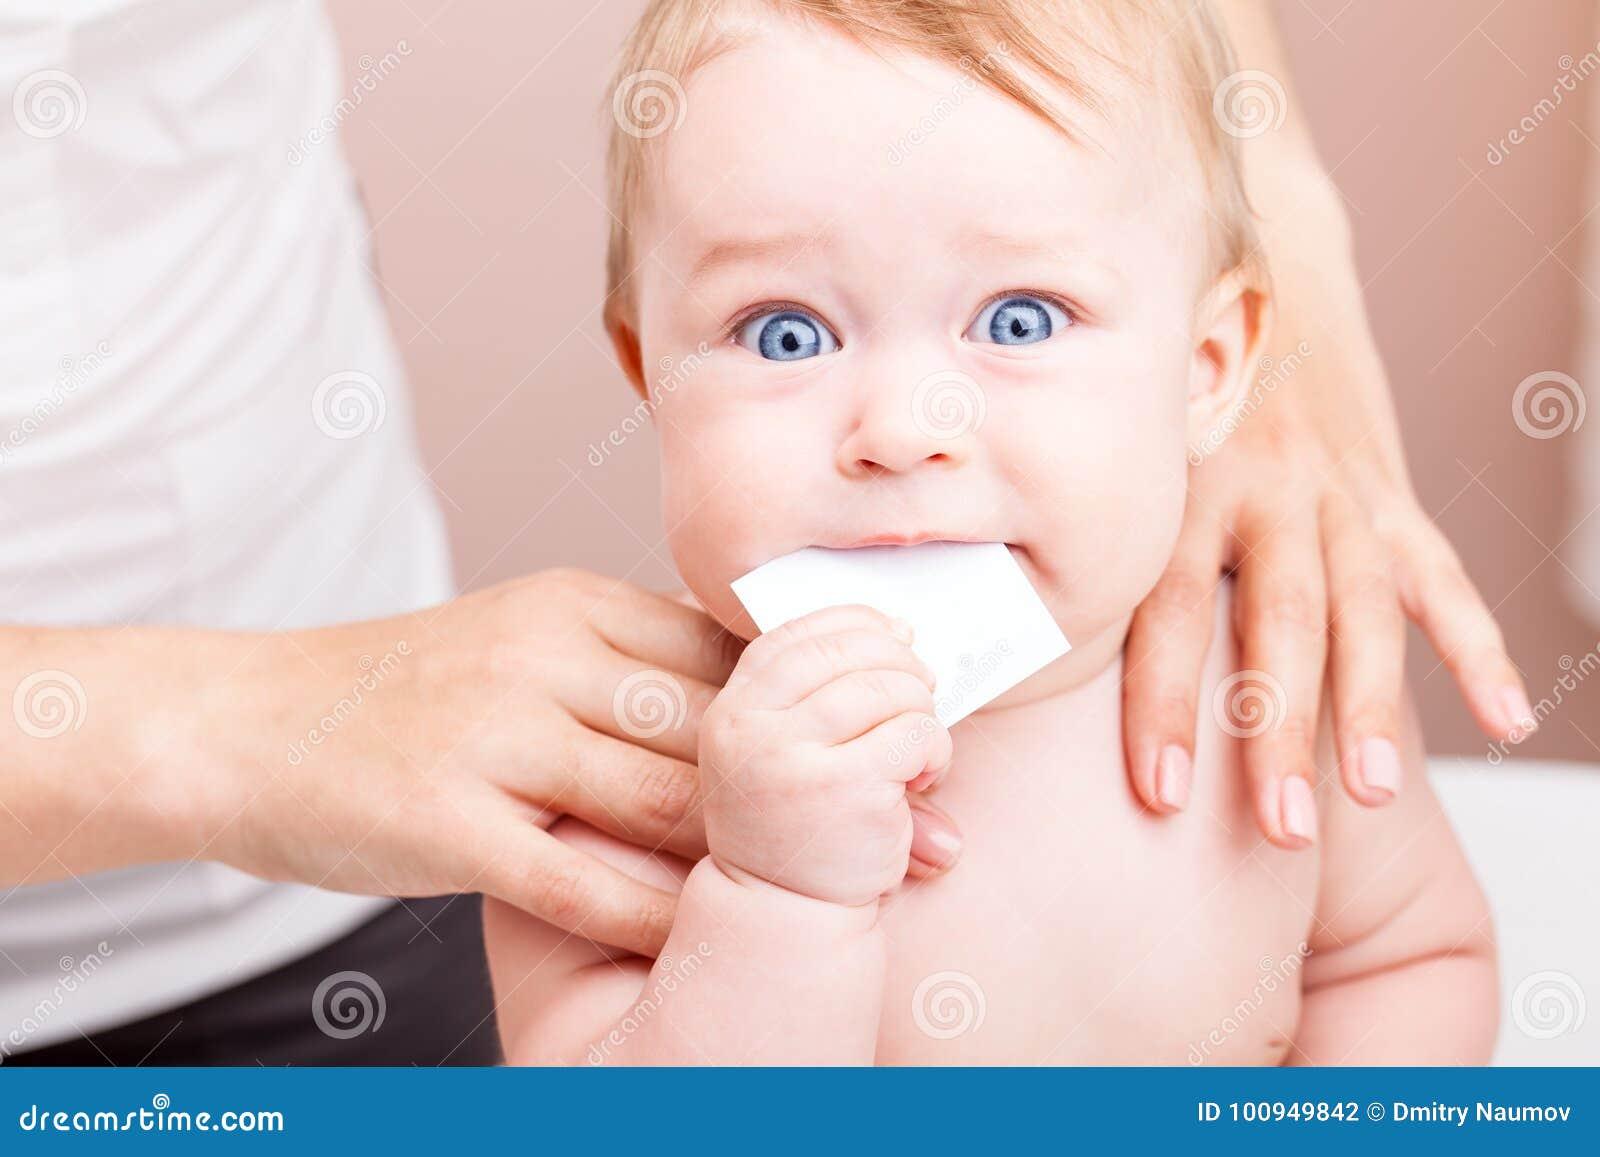 婴孩在得到整骨疗法治疗的医生办公室应该